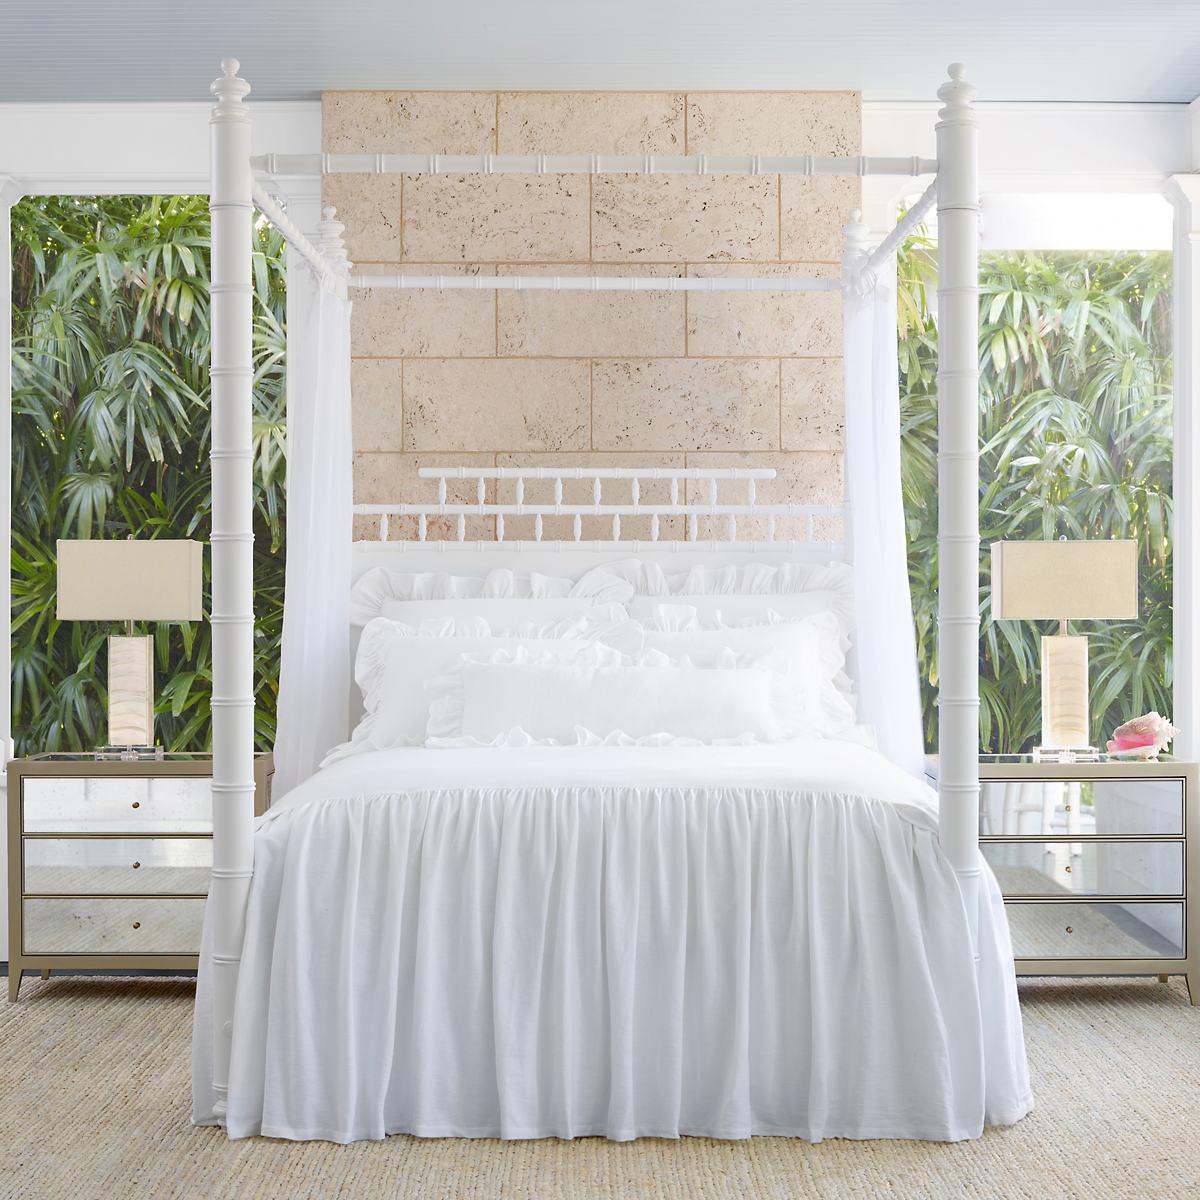 Wilton White Cotton Bedspread